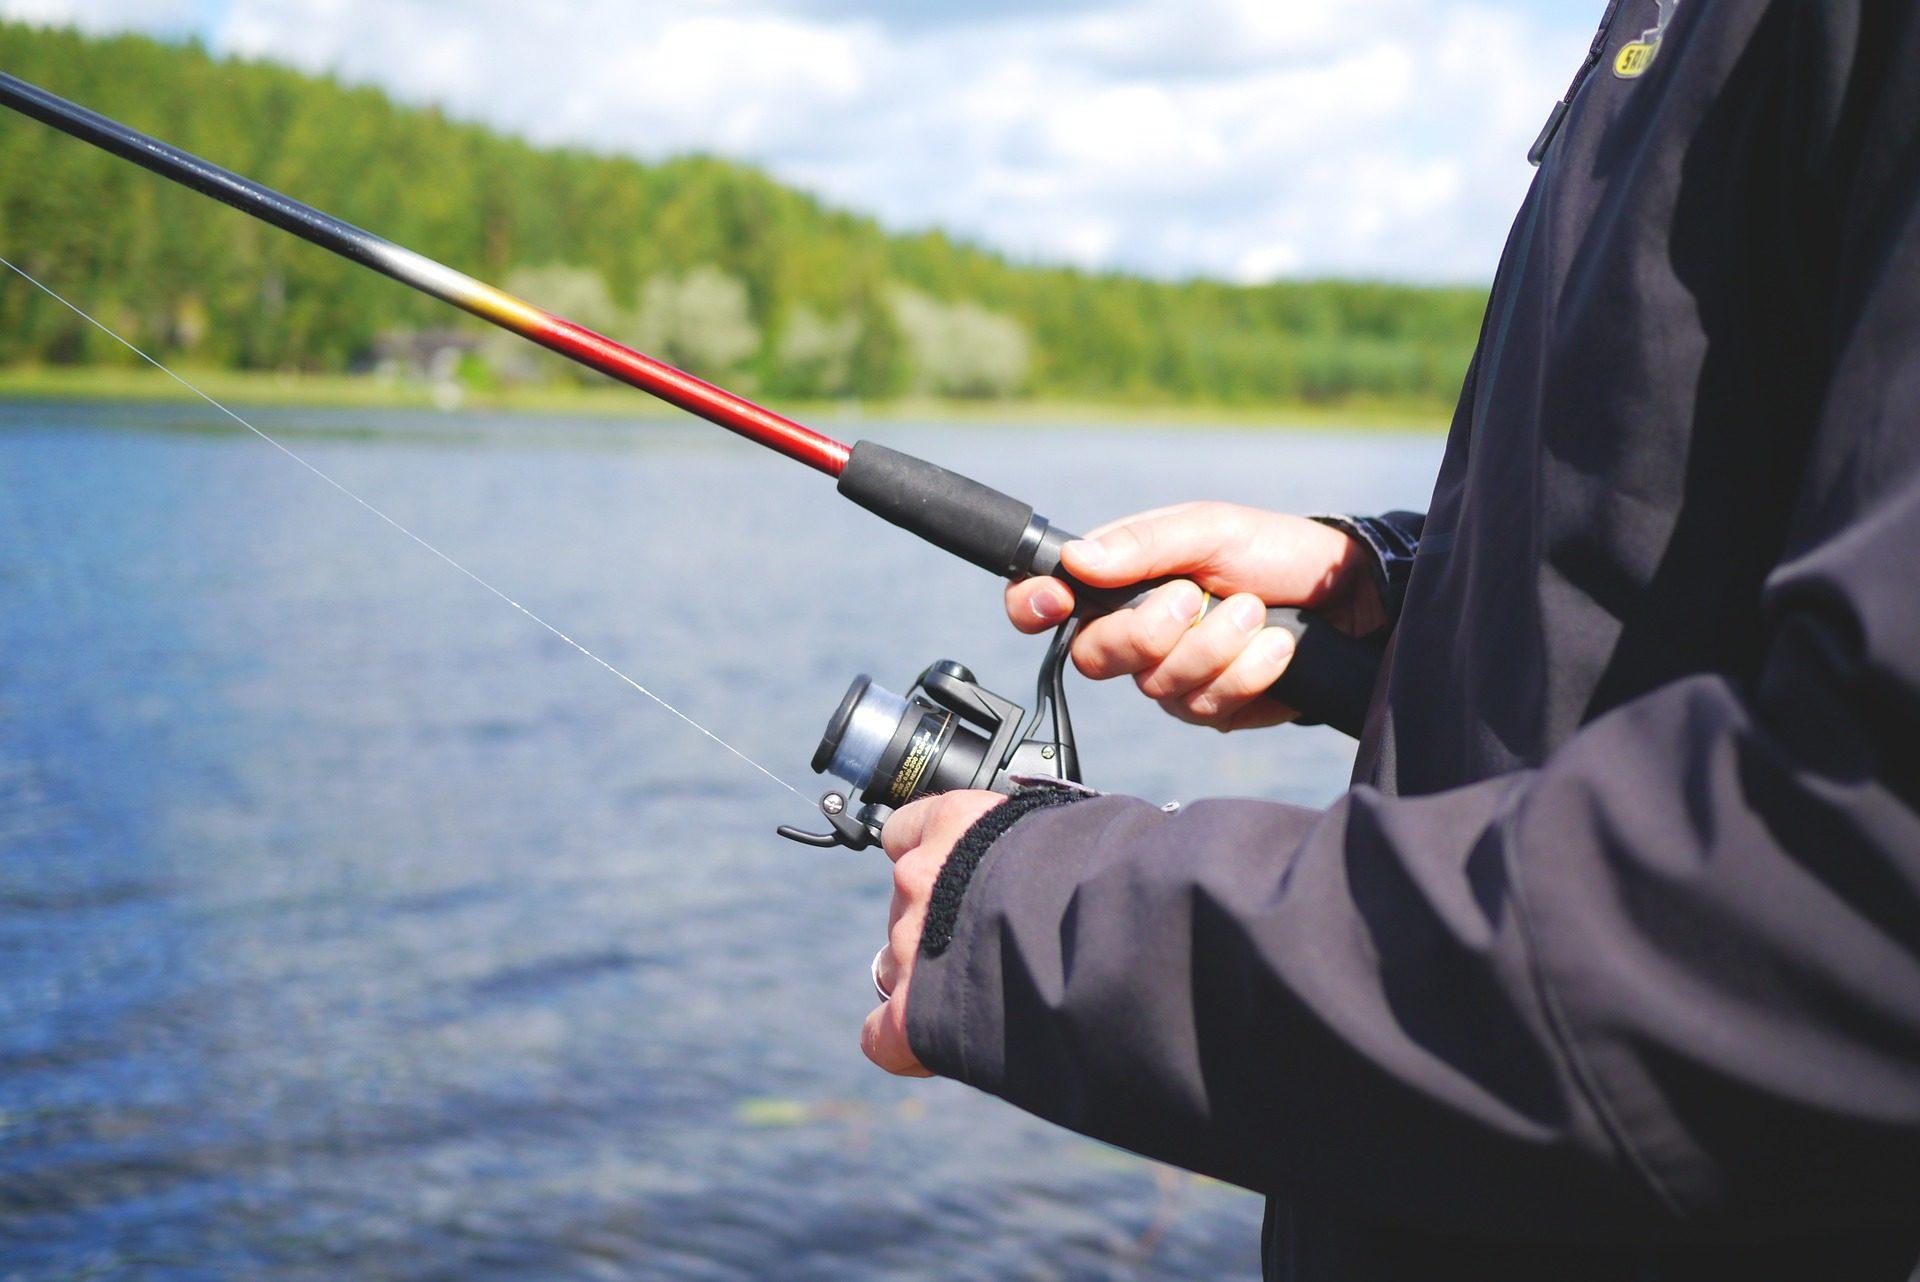 pescador, caña, lago, laguna, hobby - Fondos de Pantalla HD - professor-falken.com